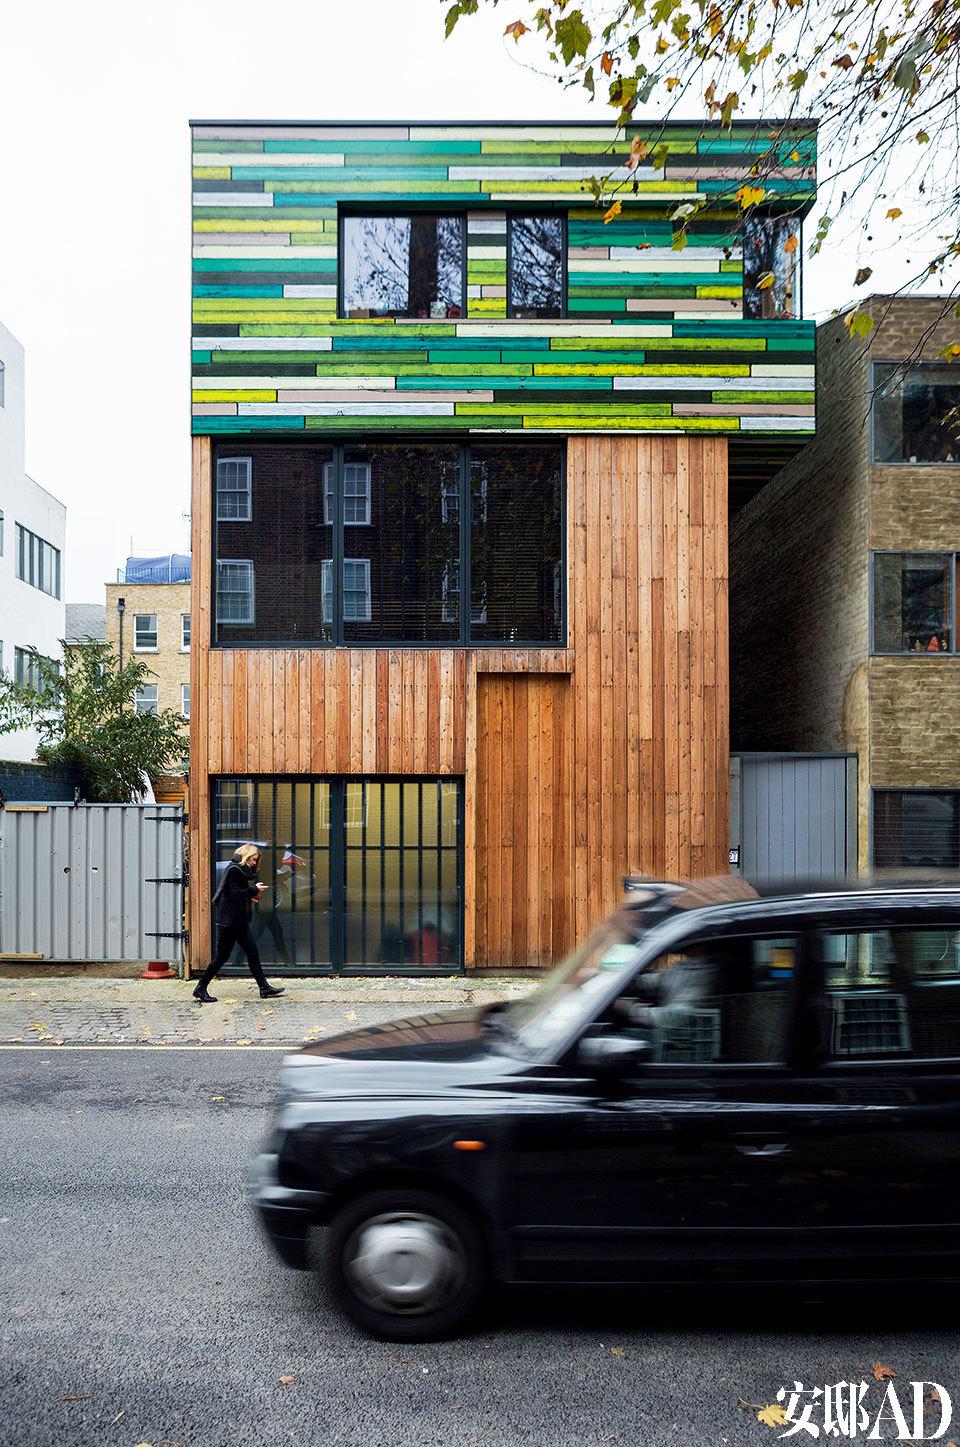 色彩缤纷的房屋立面给整条街道带来一抹跃动的色彩。一层的一面商店橱窗类型的落地玻璃为工作室引入足够的自然光。